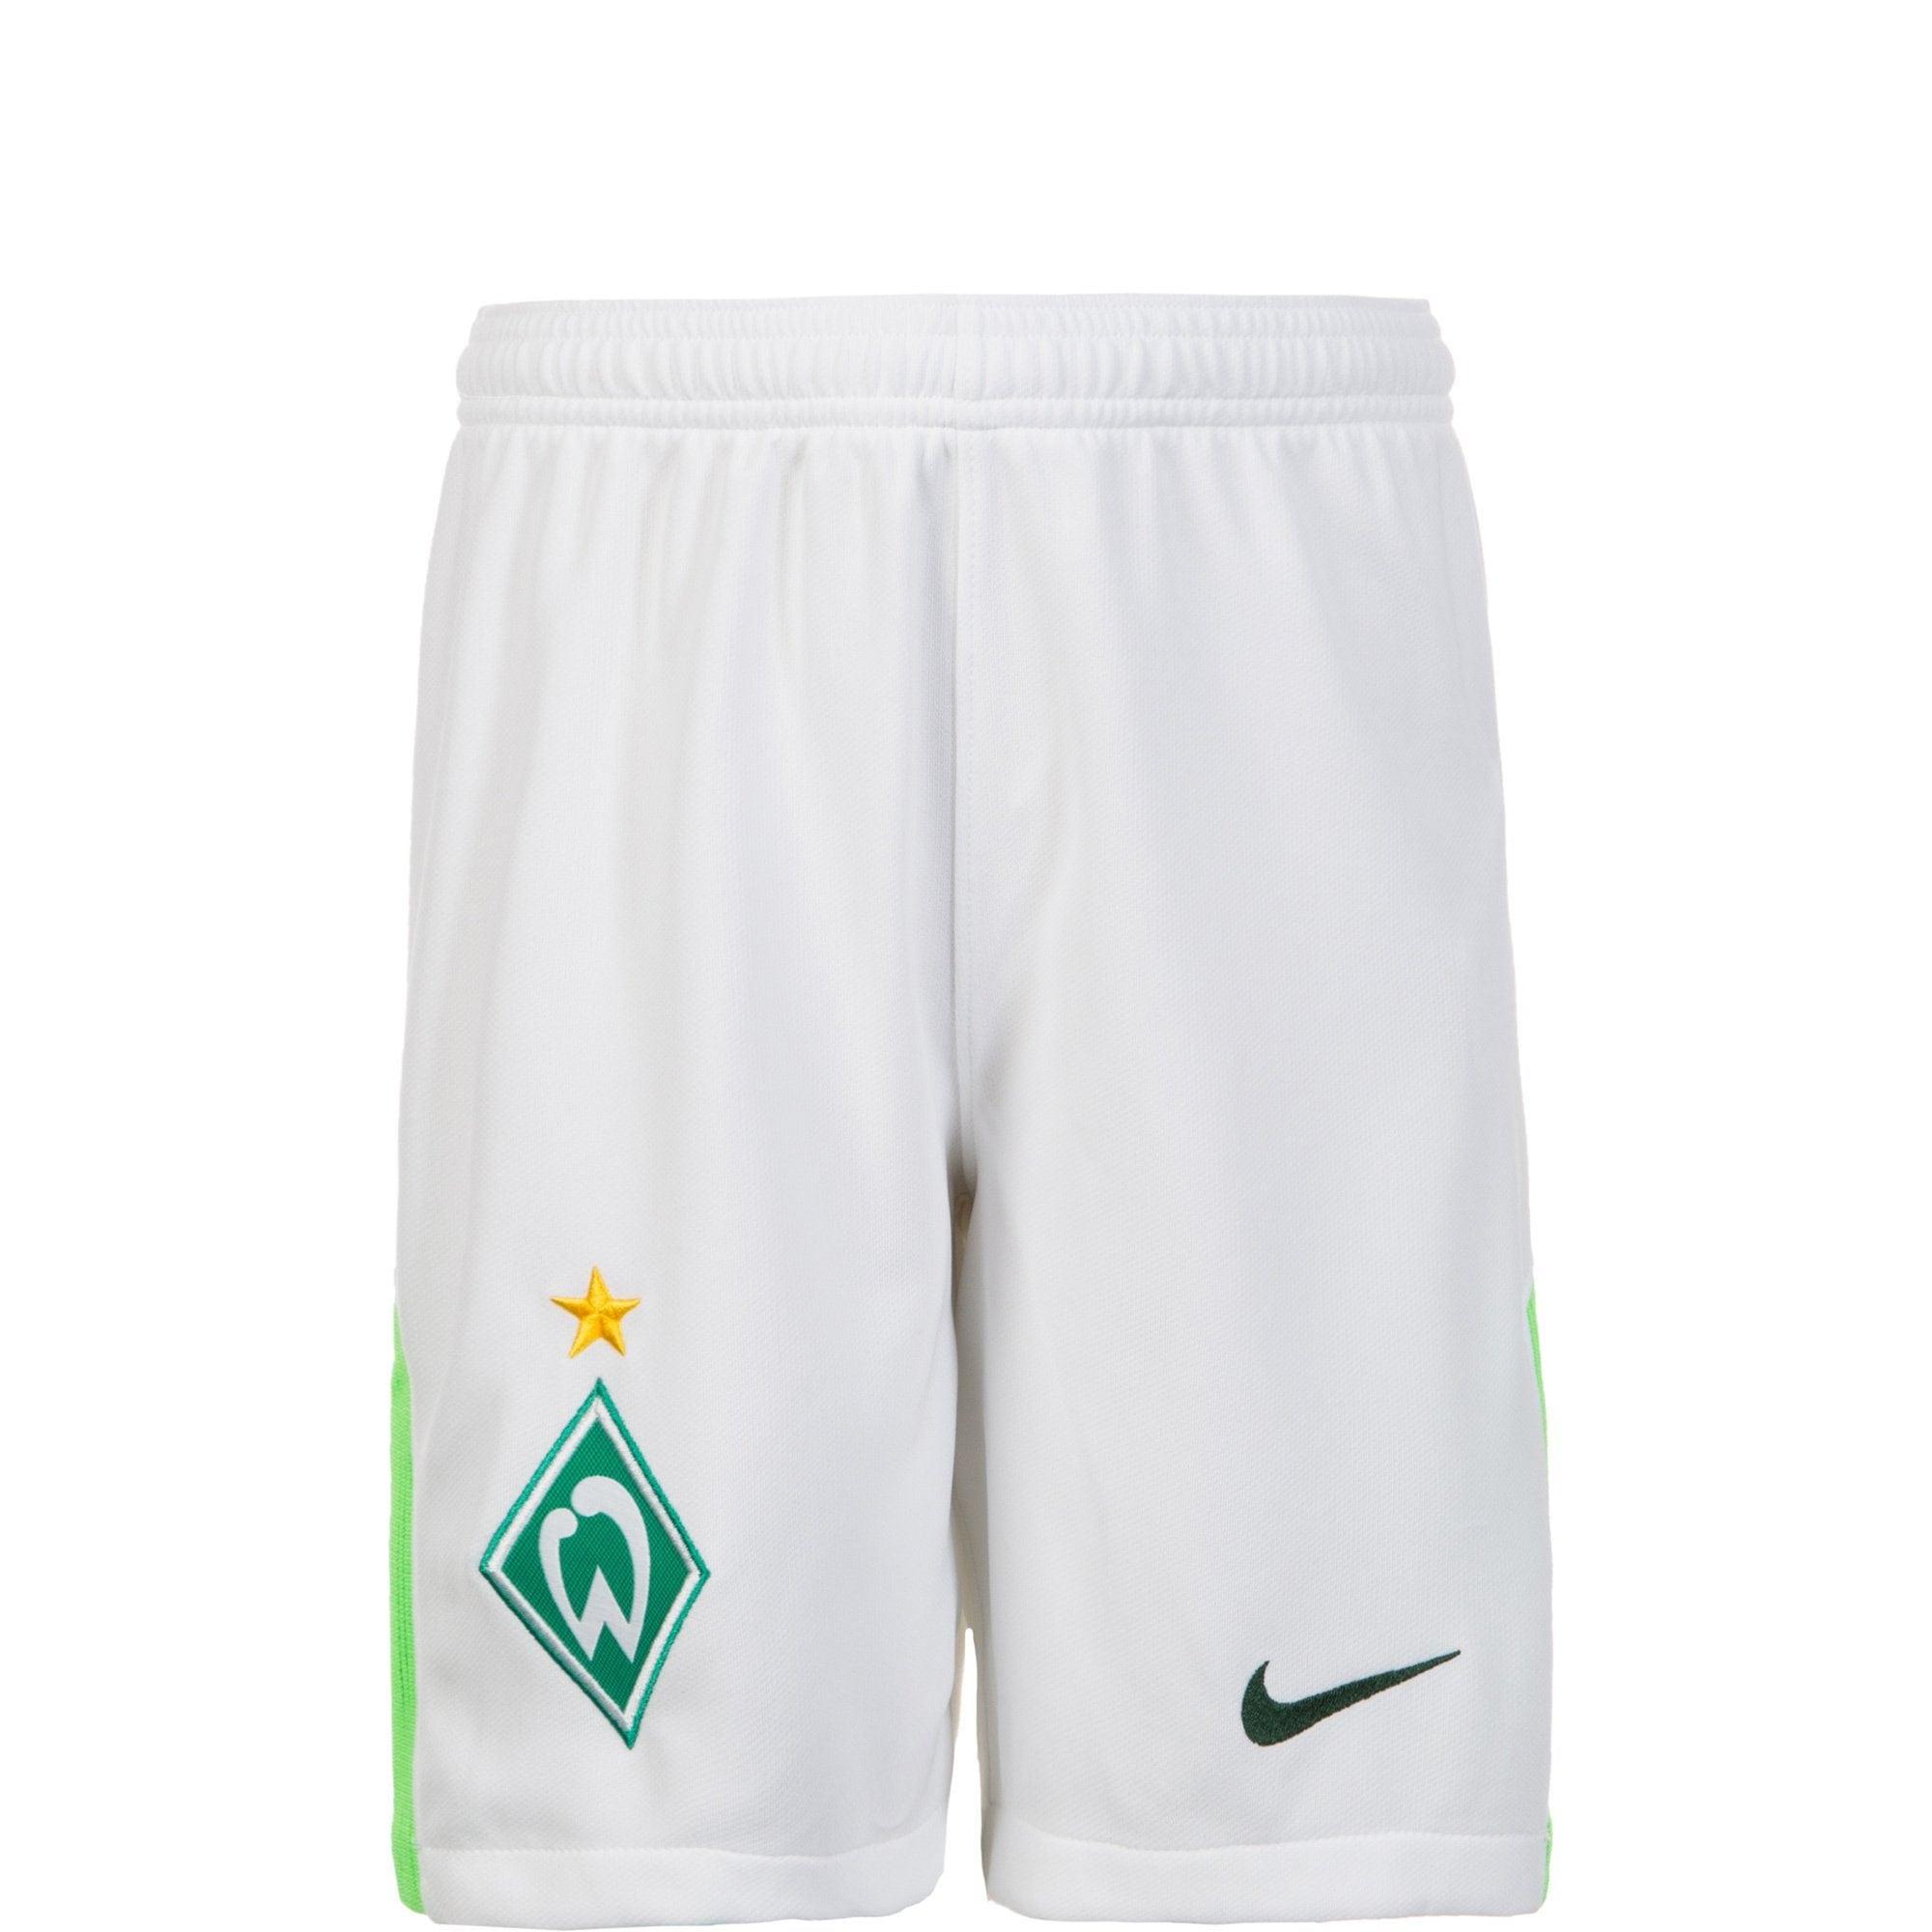 Nike Funktionsshorts  Sv Werder Bremen Stadium 17/18 Auswärts  Preisvergleich